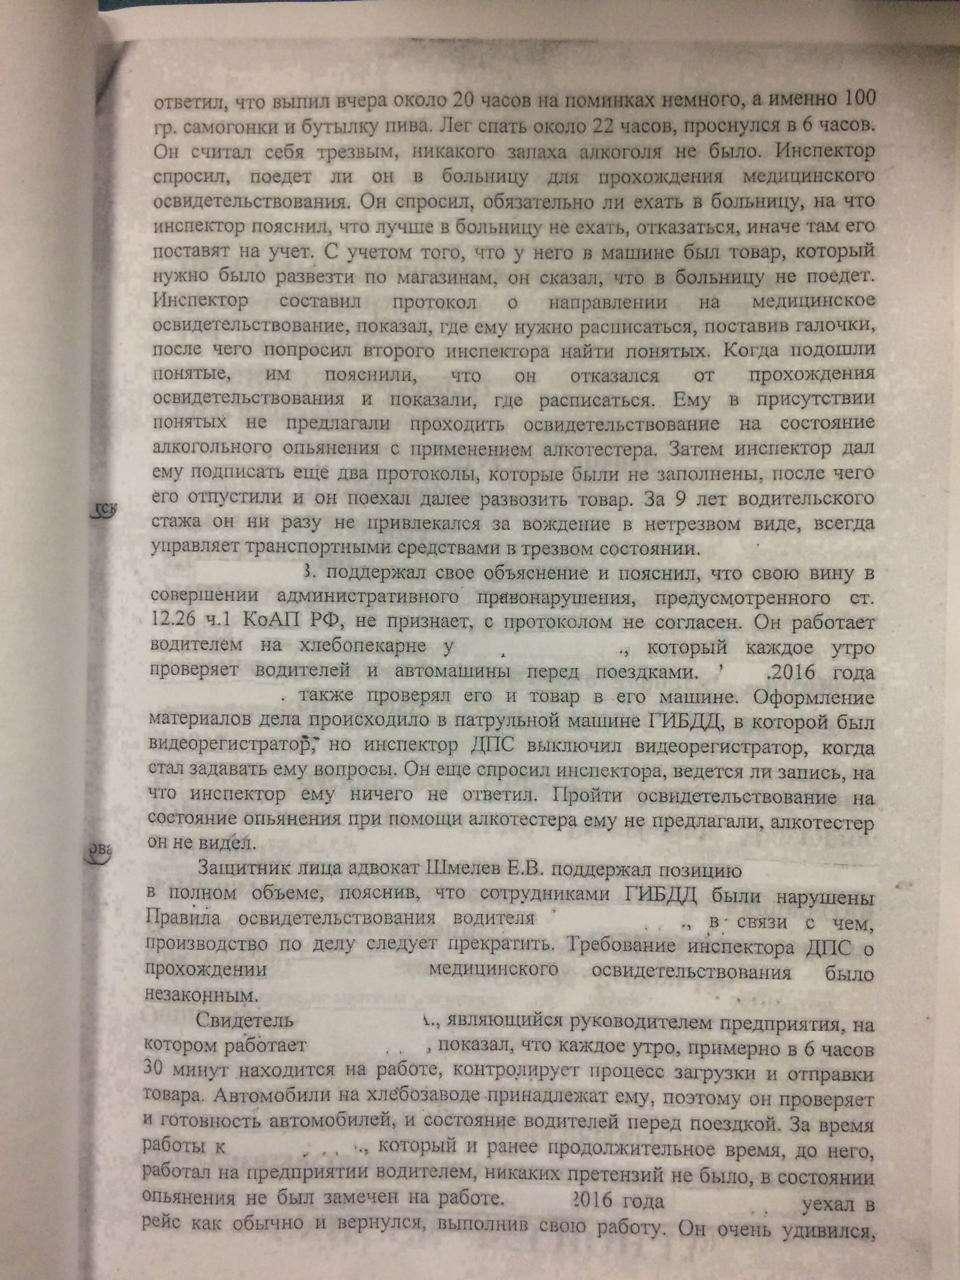 Разводки ГИБДД: как не лишиться прав заотказ отмедосвидетельствования— фото 927376